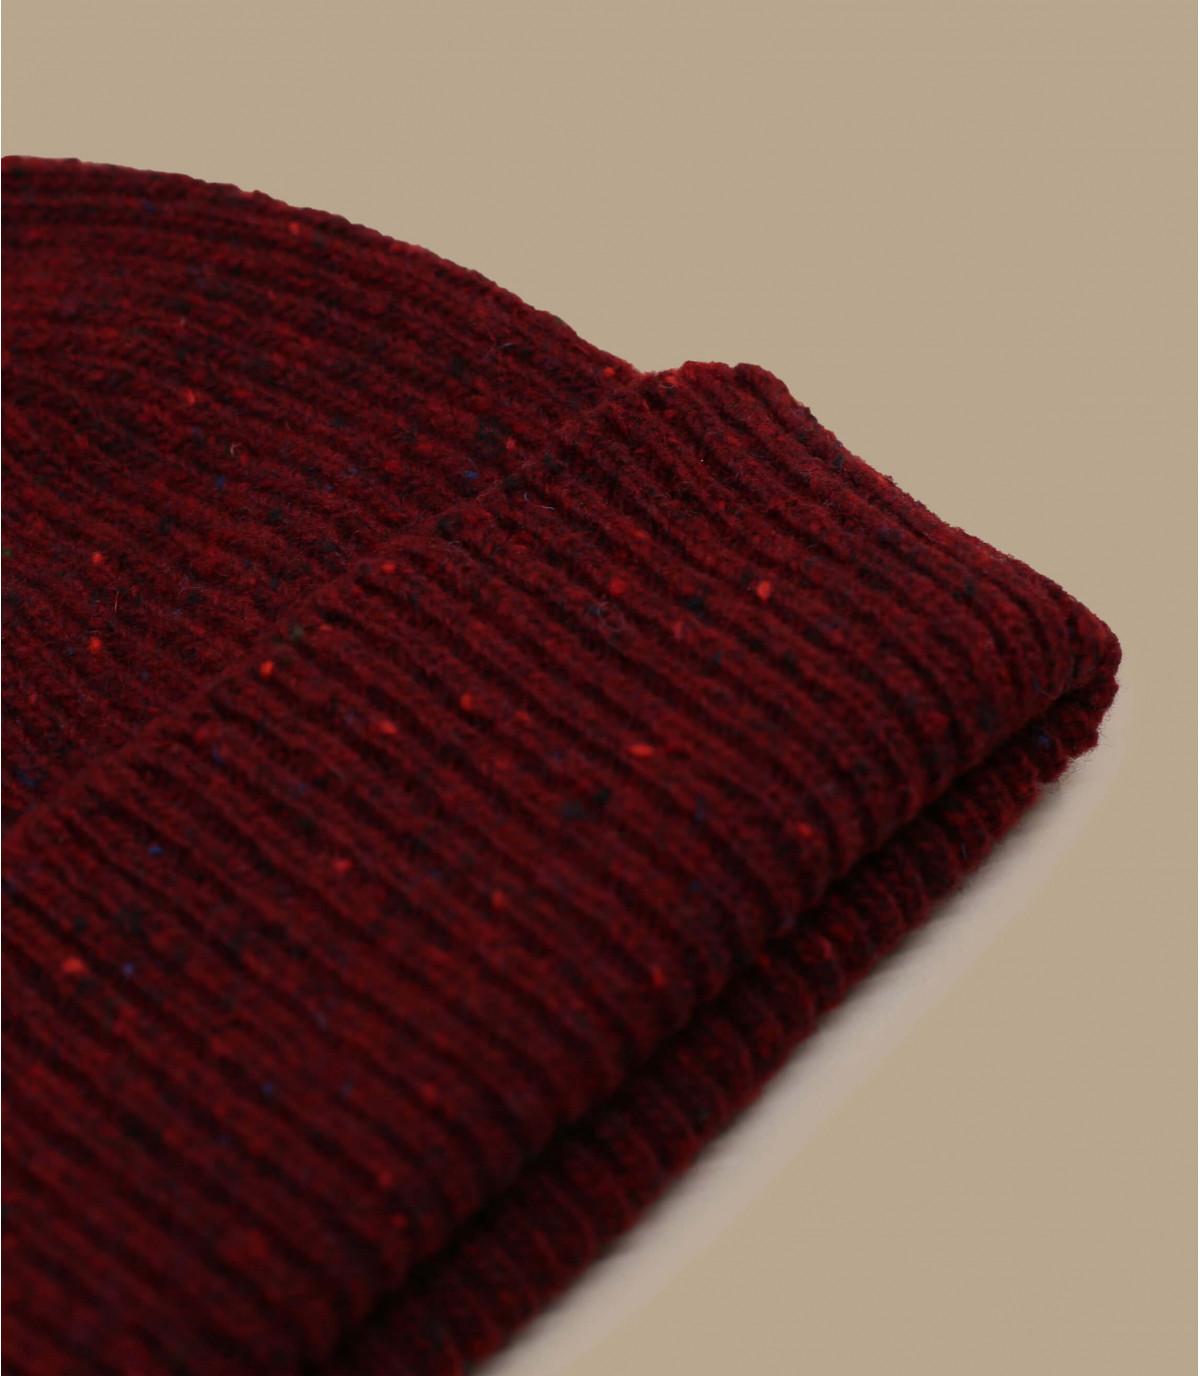 cappello docker in lana bordeaux